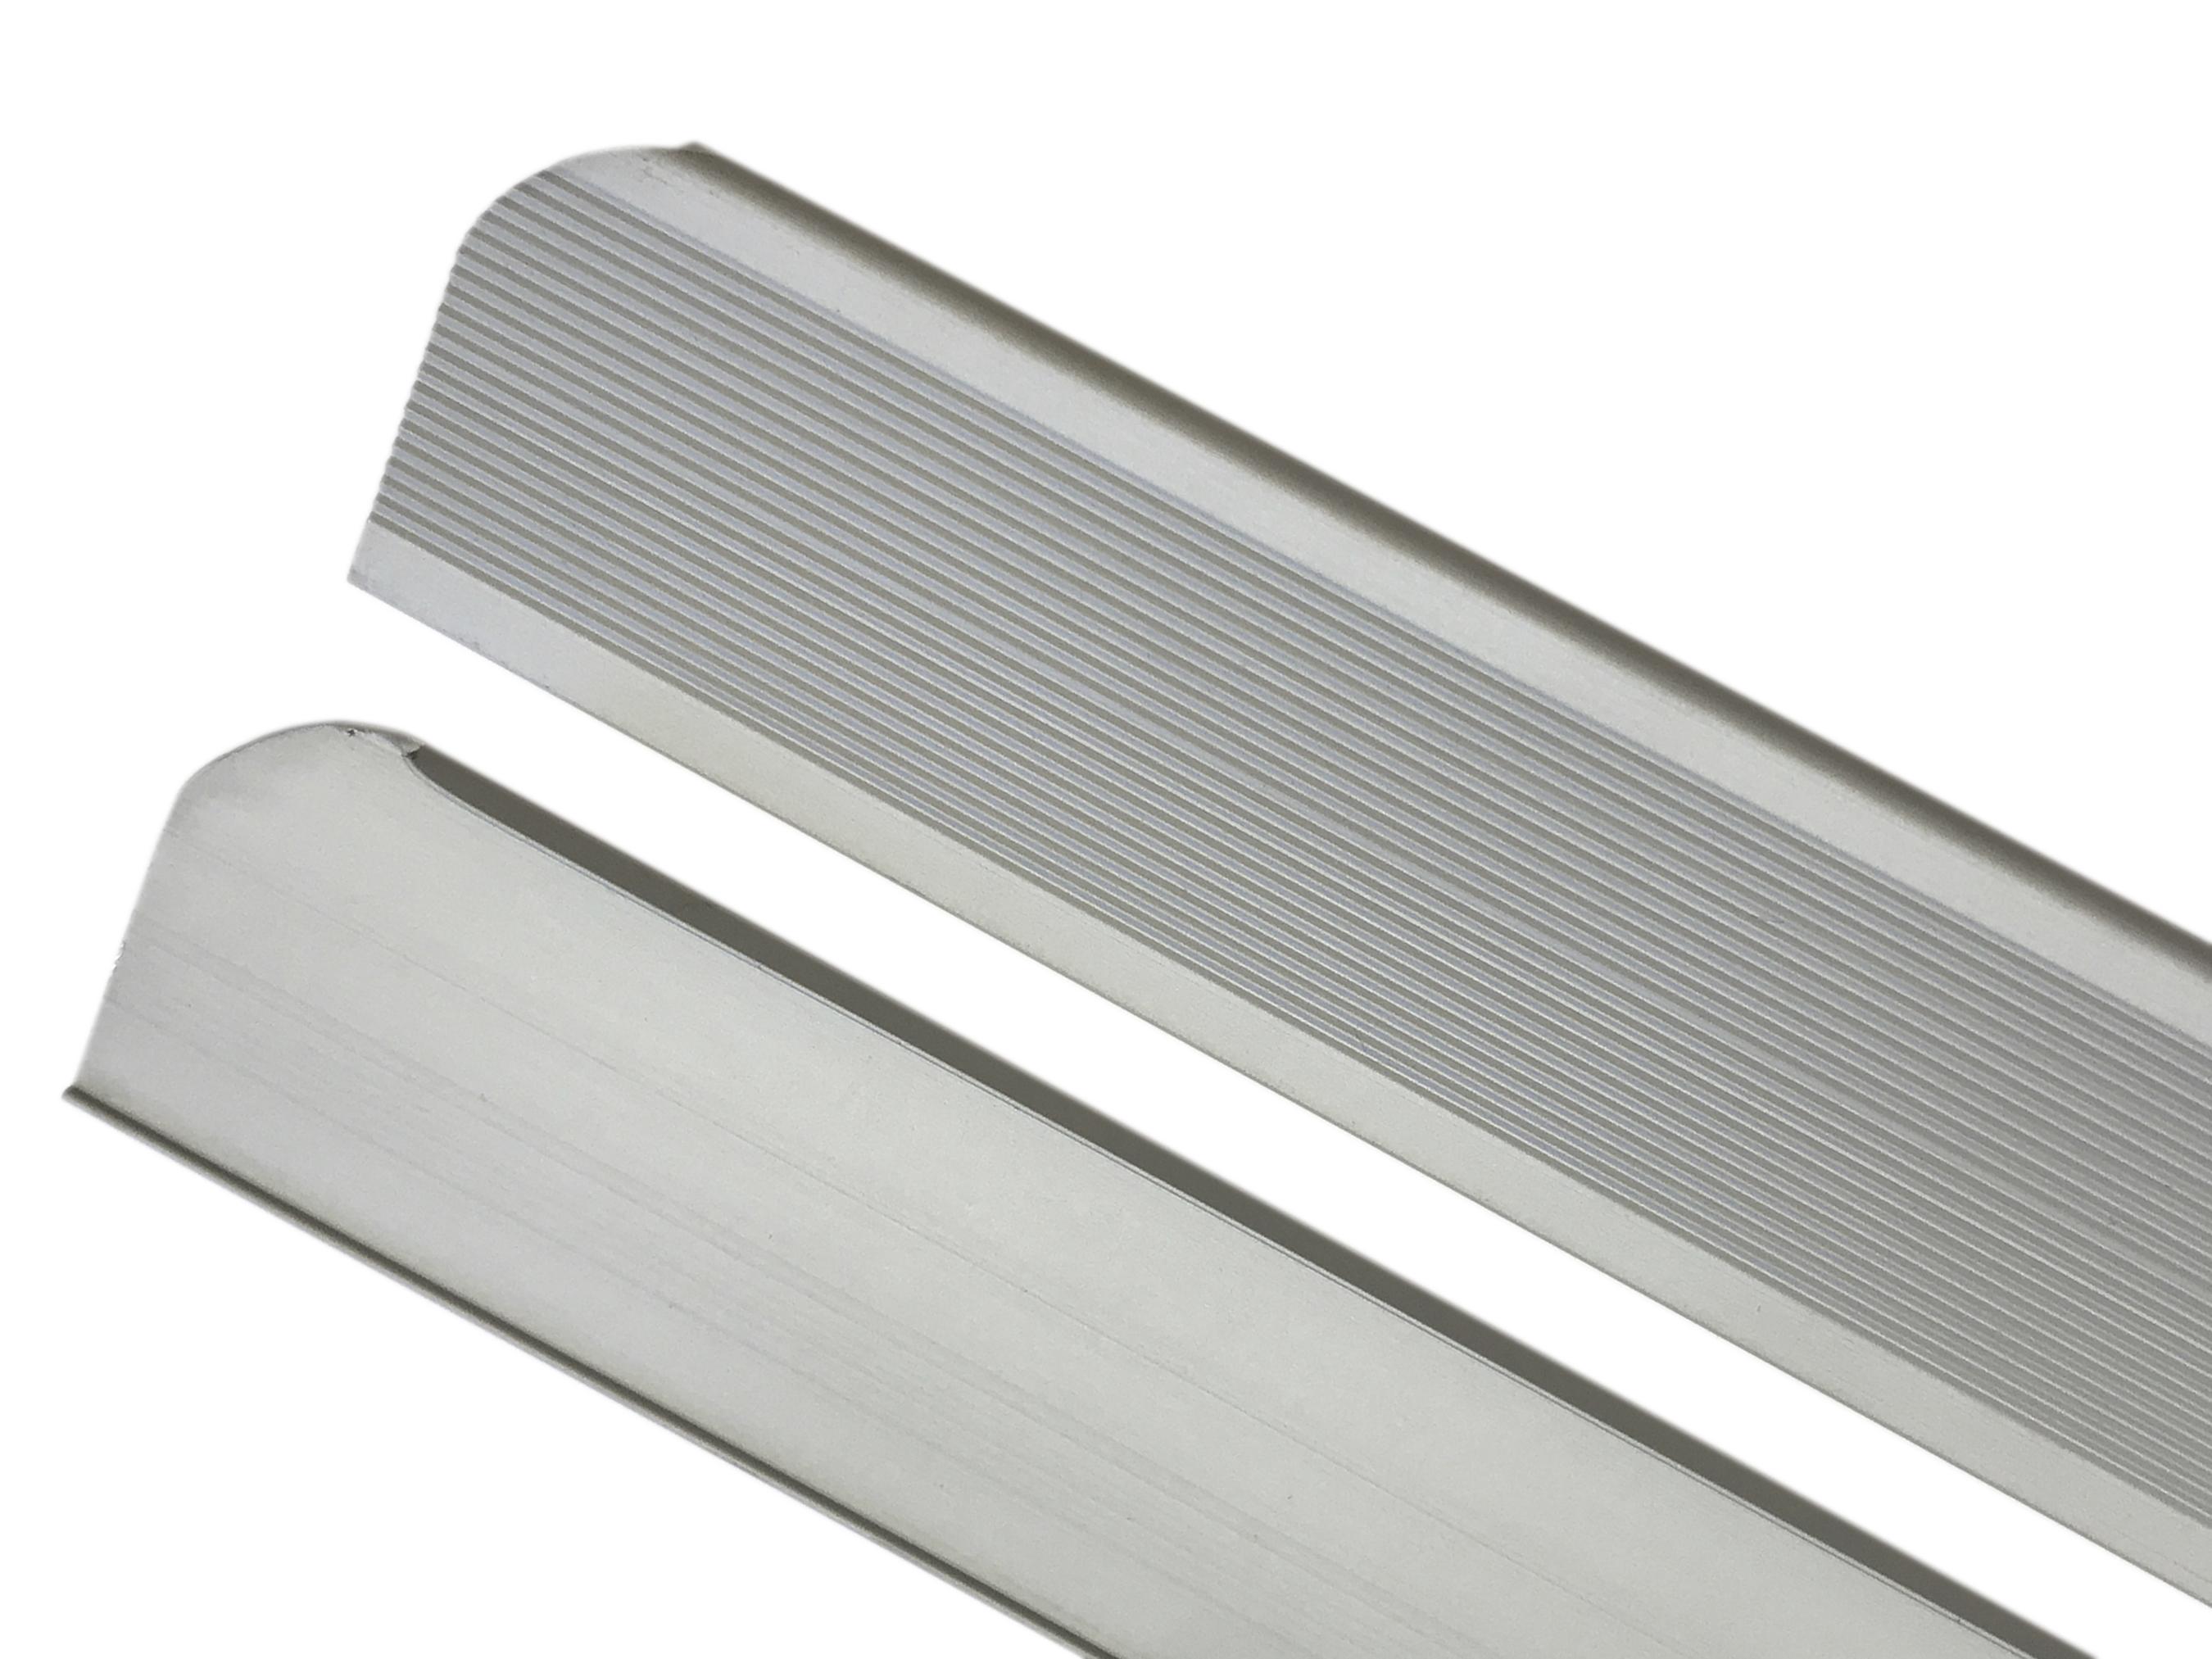 Планка торцевая 32мм алюминиевая (КОМПЛЕКТ 2 ШТ)